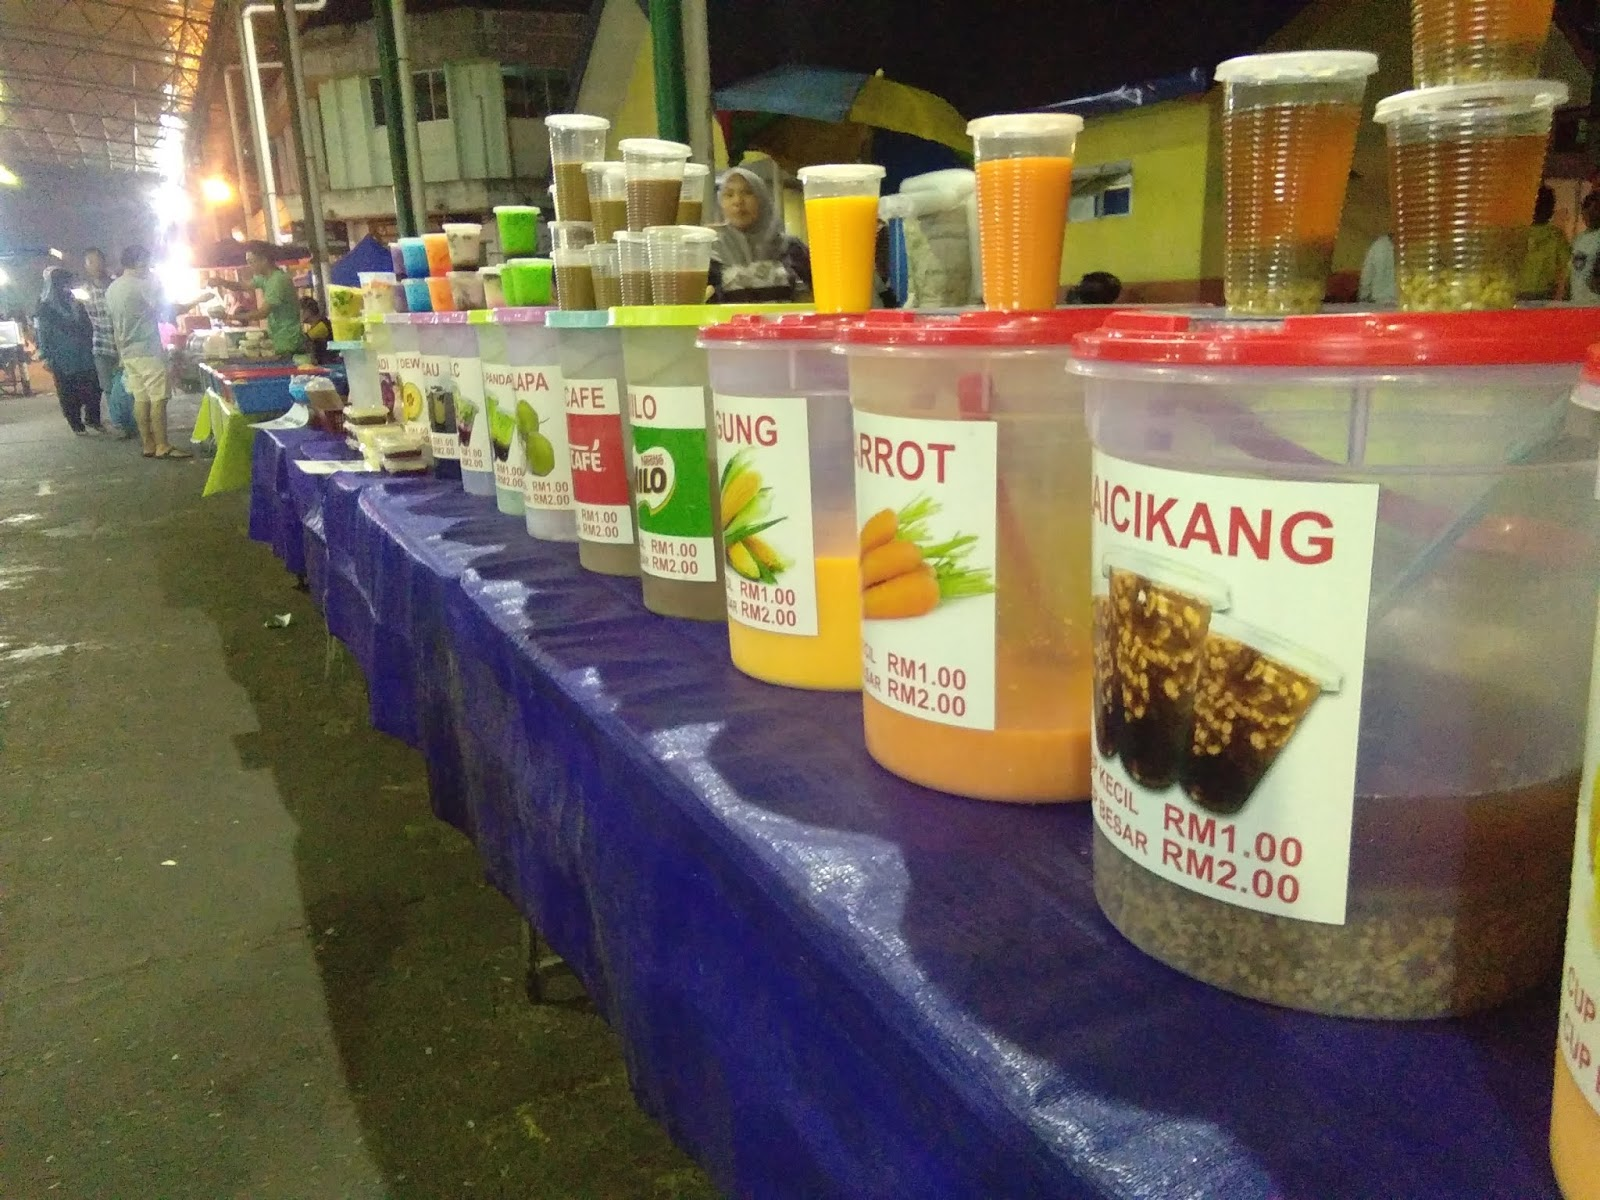 Beli Balang Air Murah Untuk Berniaga Bazar Ramadhan